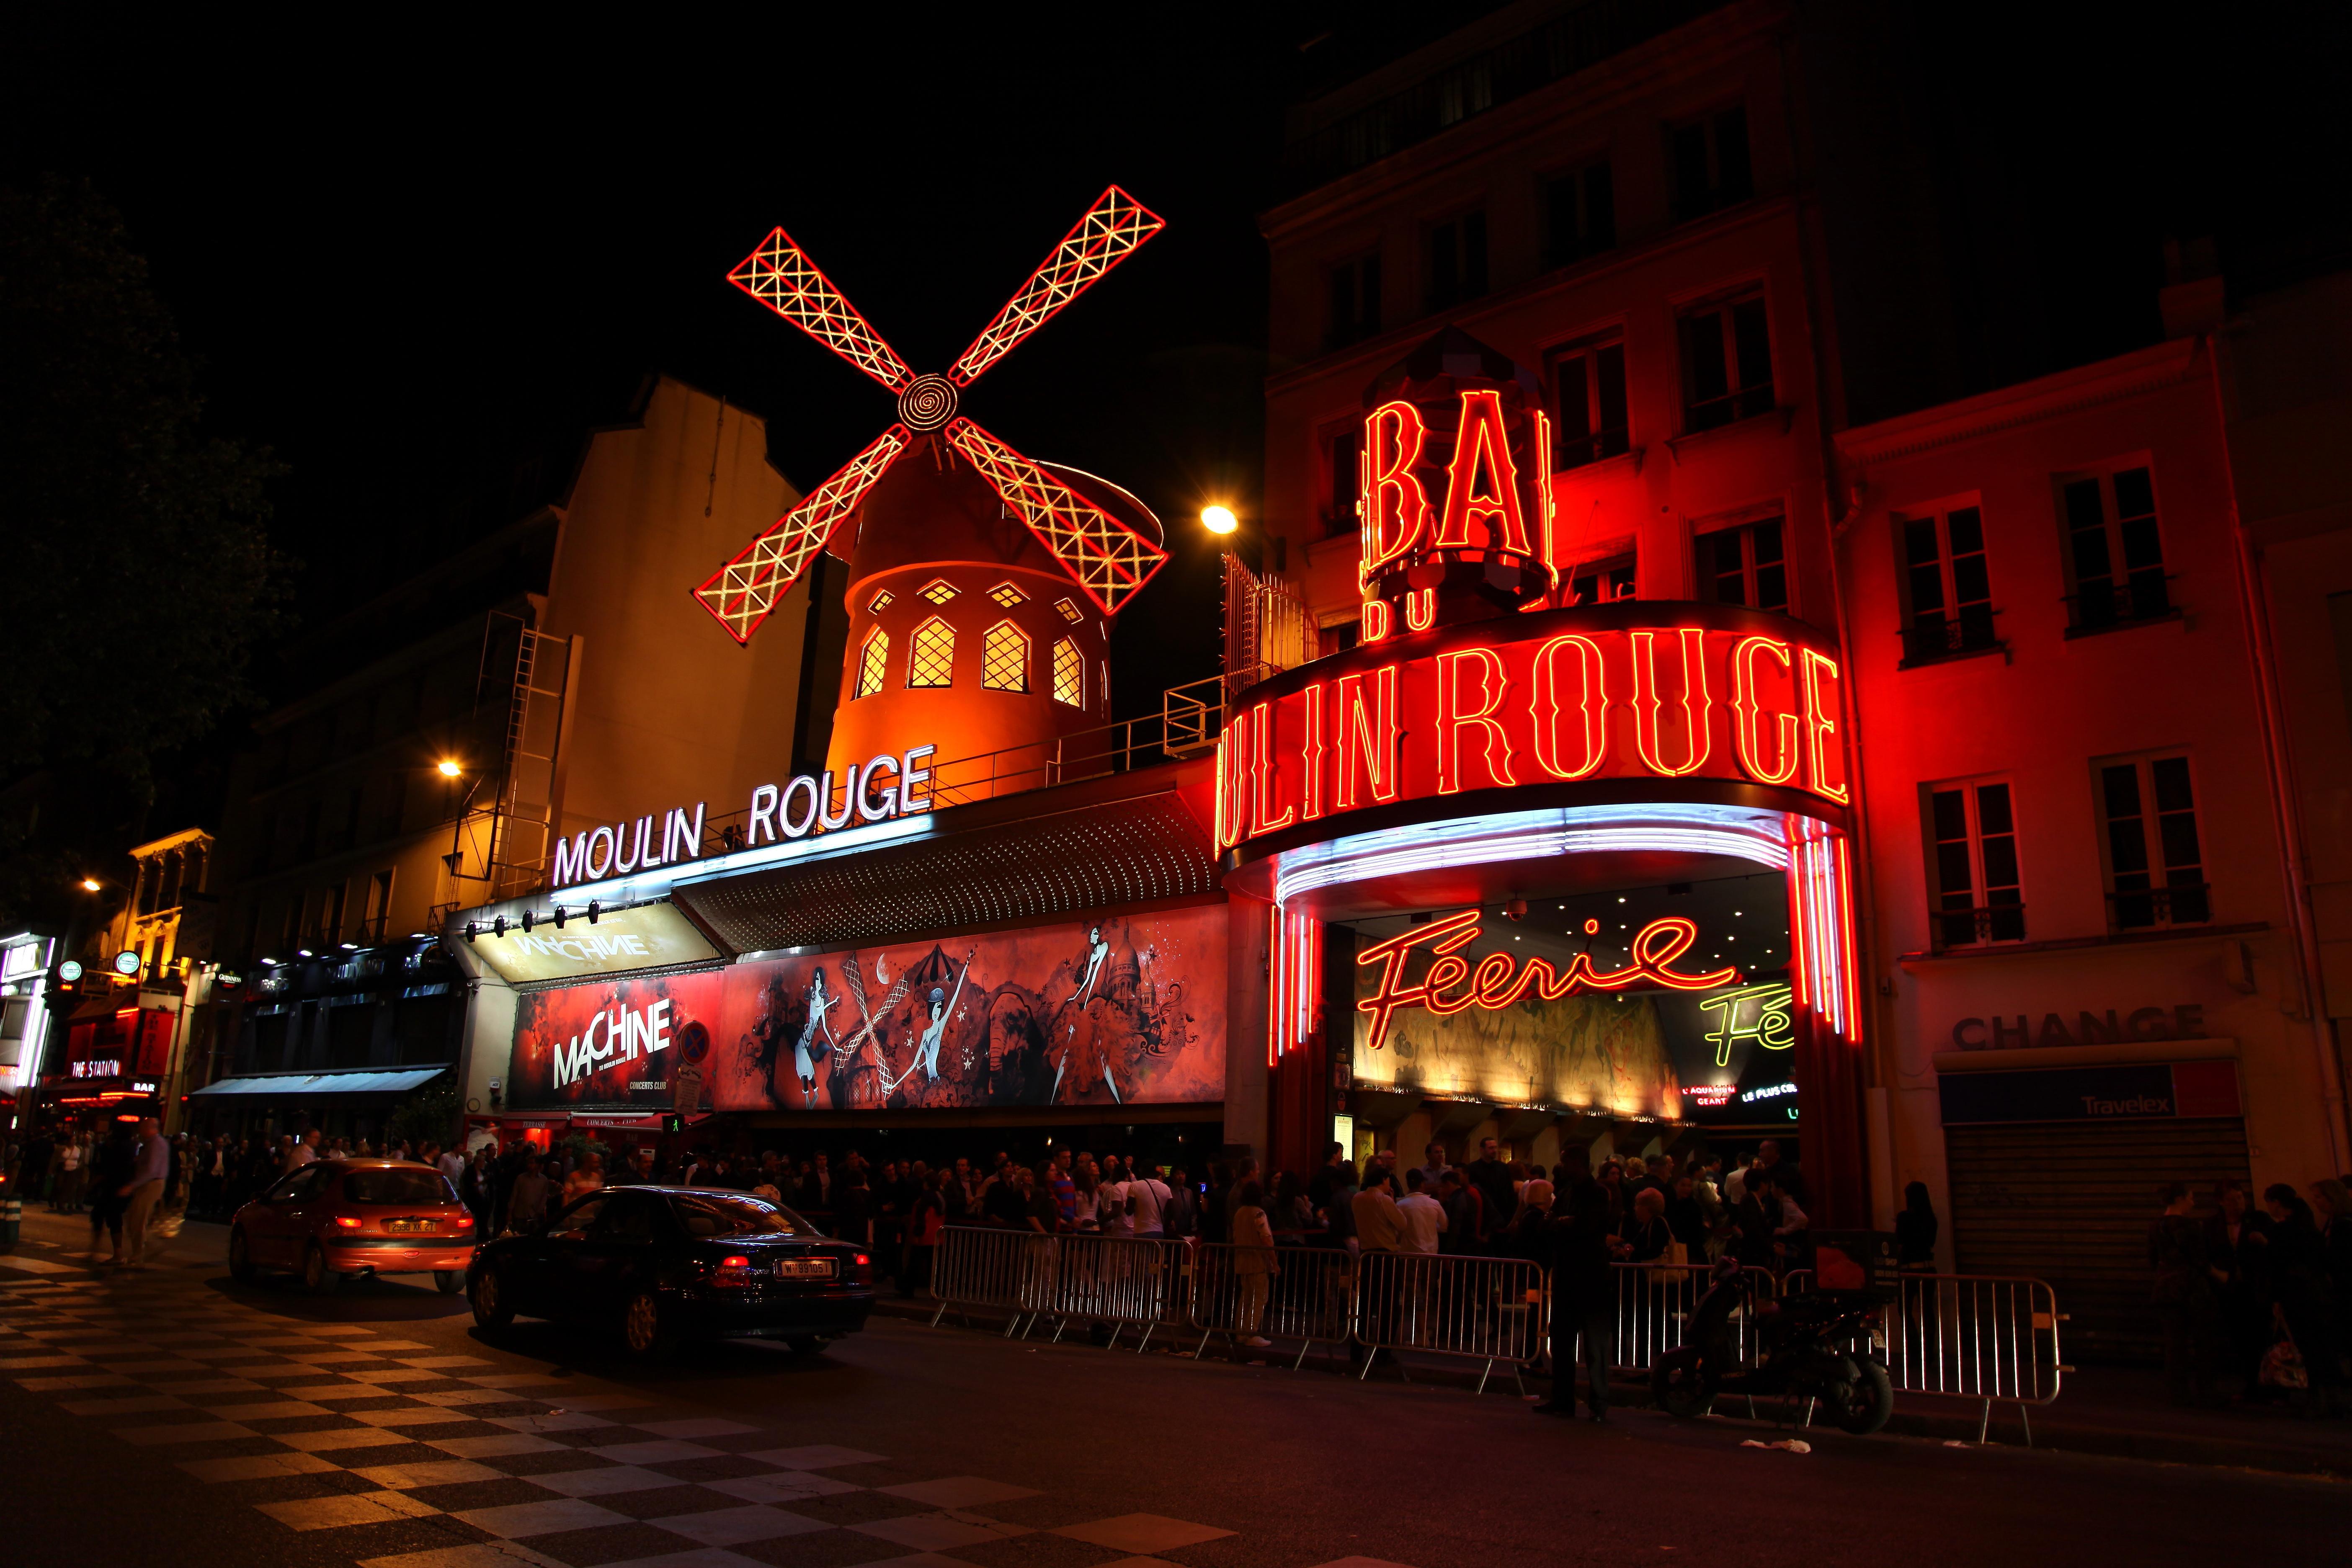 Une demie bouteille de champagne offerte par personne au Moulin rouge du 4 au 6 octobre 2016